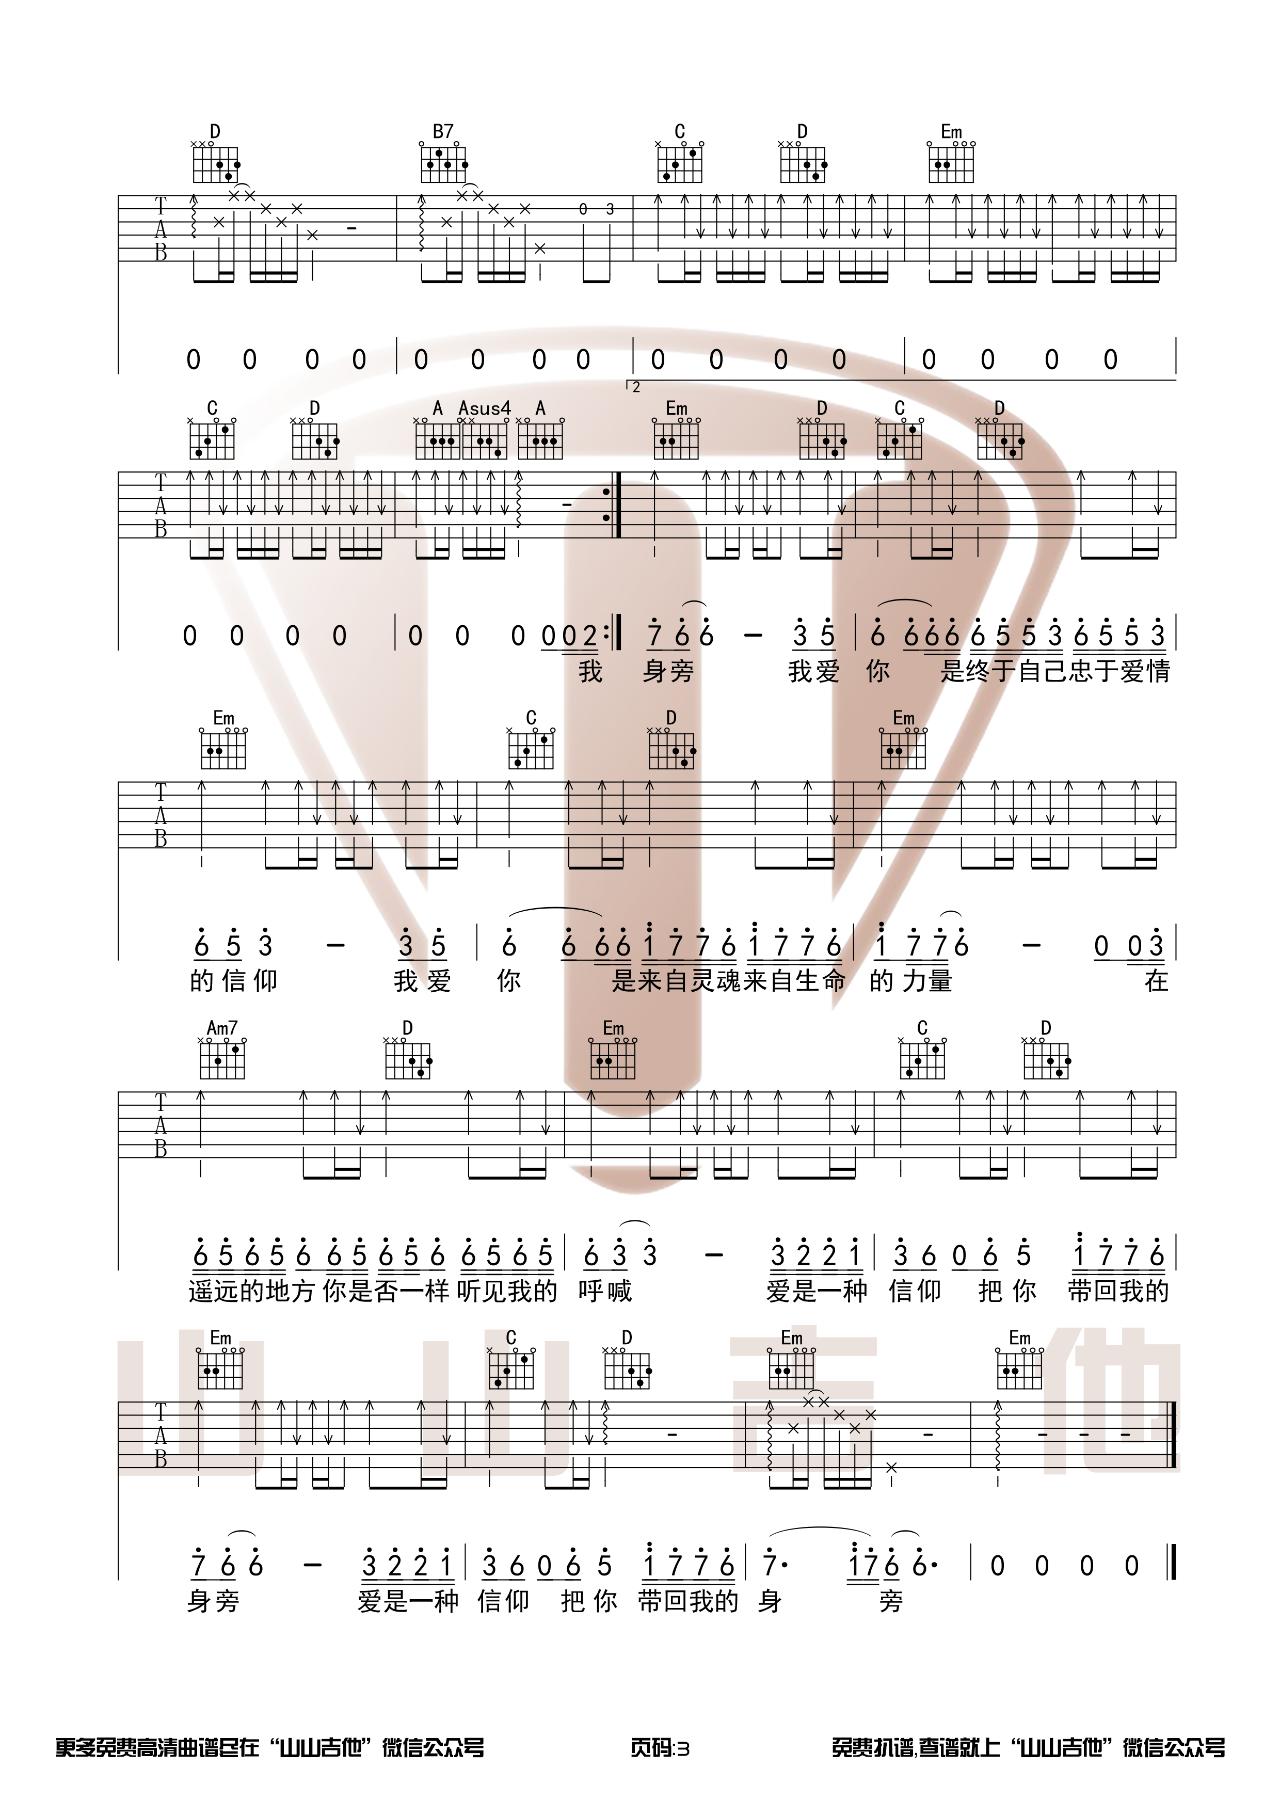 吉他派《信仰》吉他谱-3